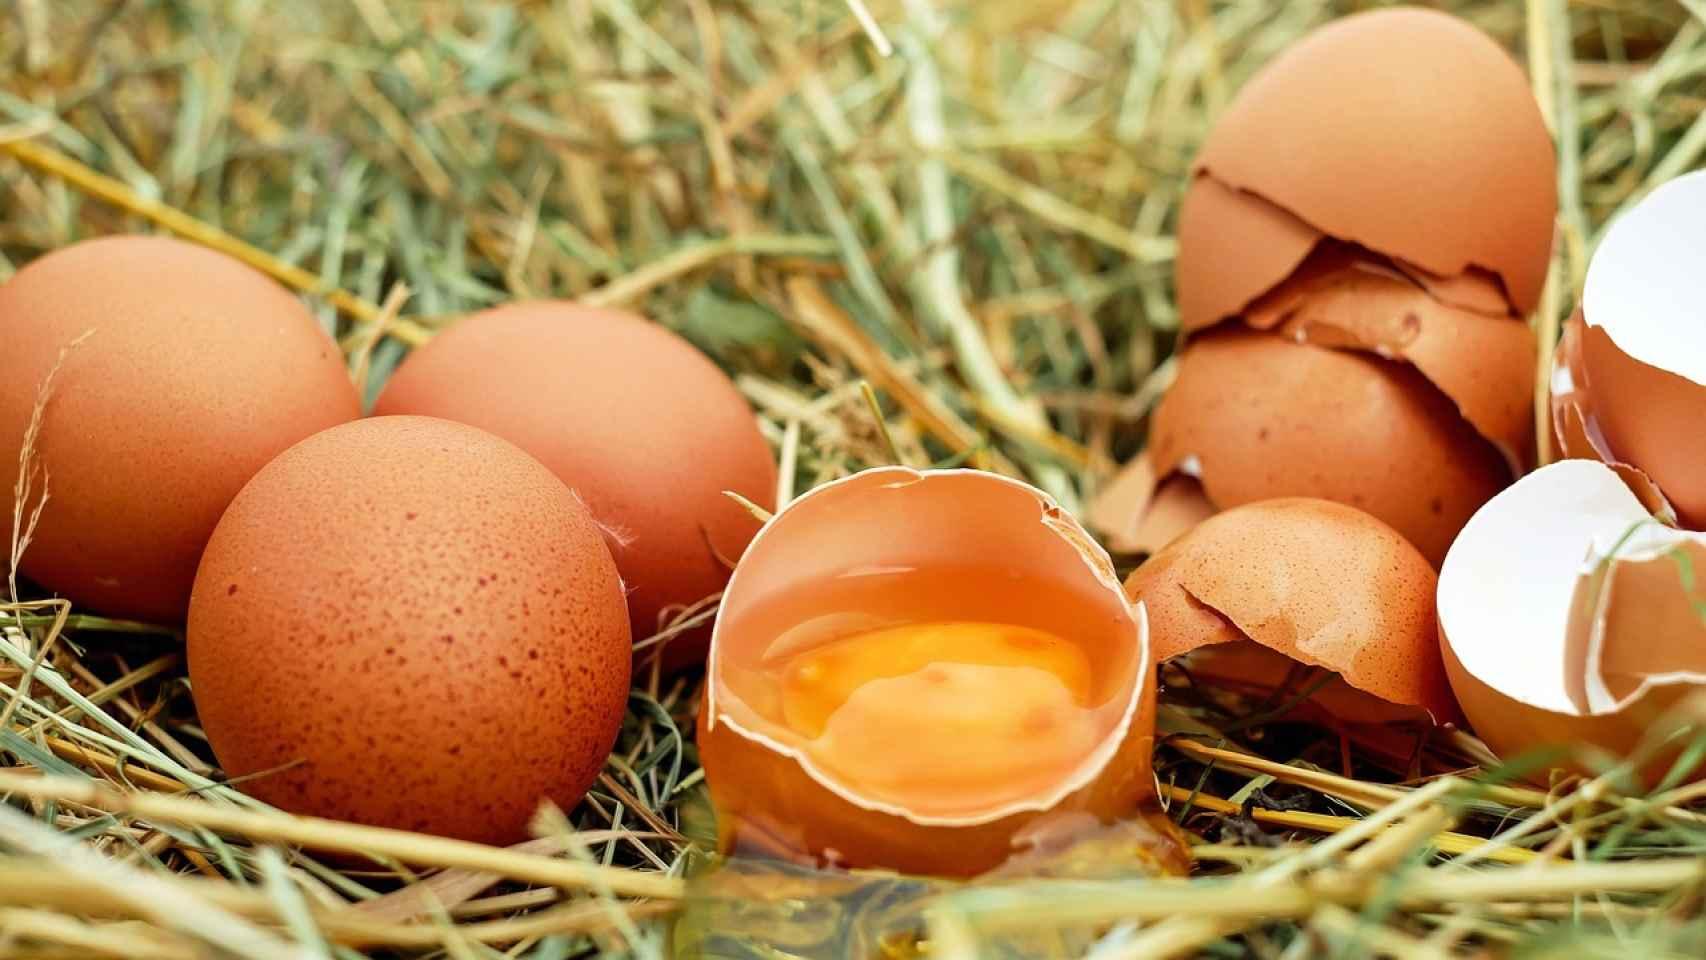 Cómo Saber Si Un Huevo Está Malo O Bueno